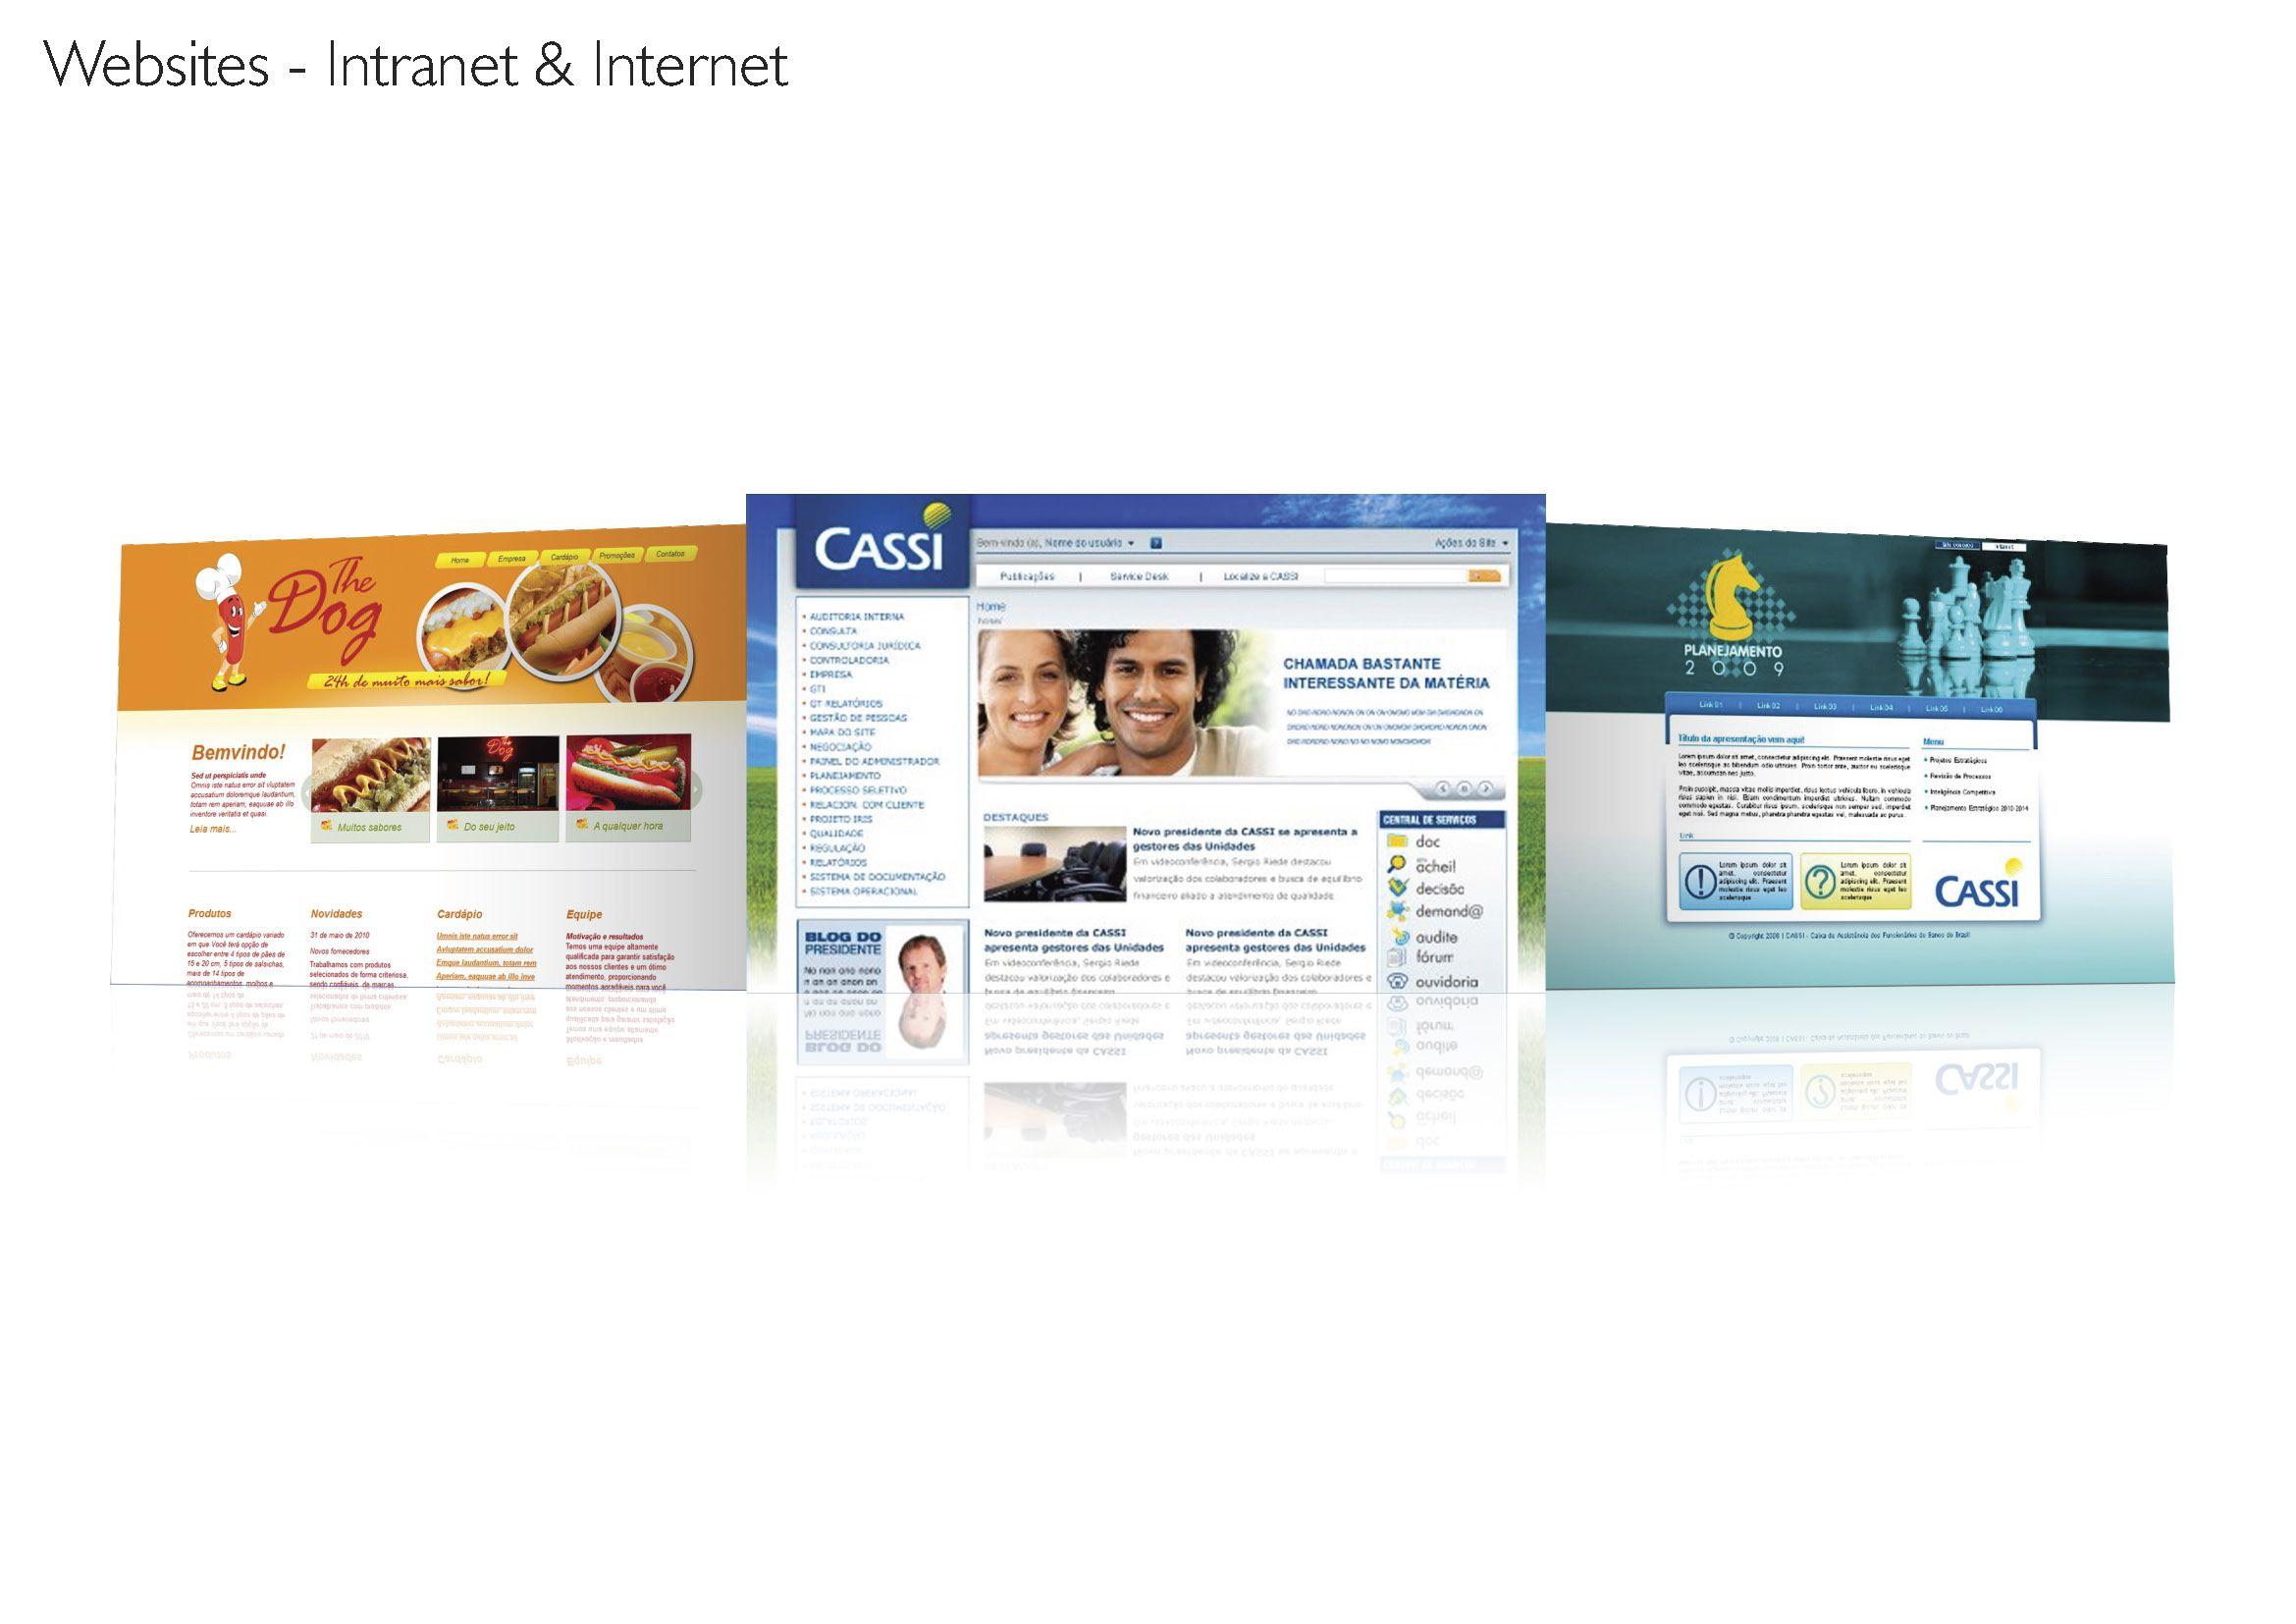 Página principal da Intranet da CASSI, página de projeto interno de planejamento (CASSI) e site para o restaurante The Dog.